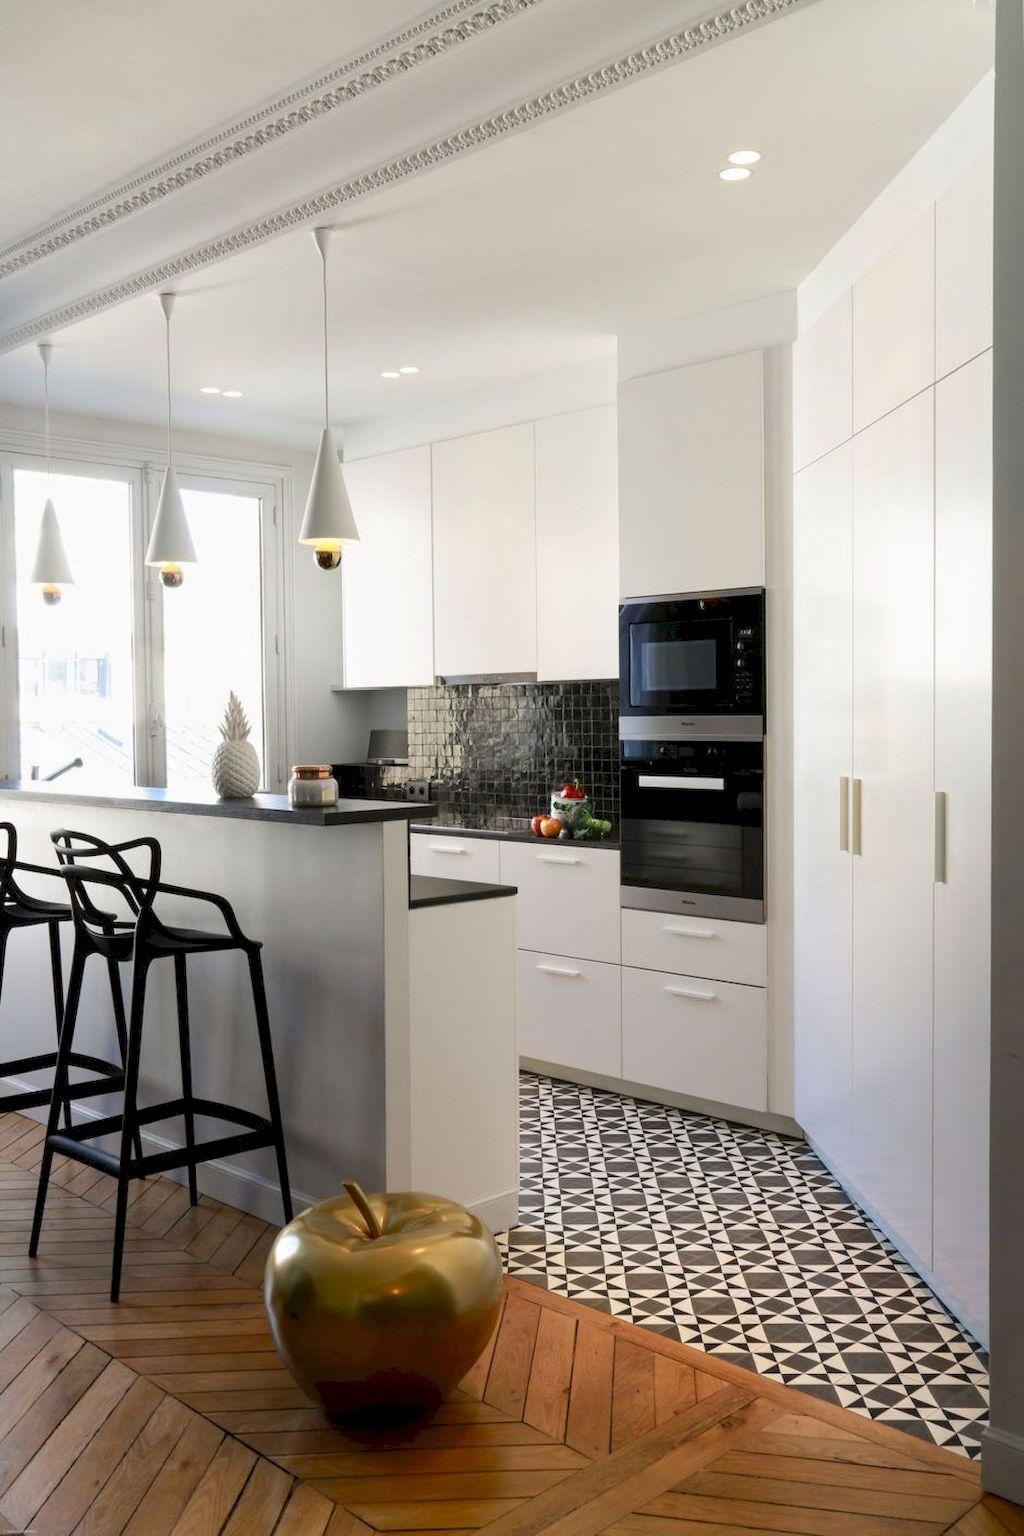 cuisine ouverte moderne ton lumineux délimitation carrelage mosaïque taupe parquet bois lamé déco pomme dorée